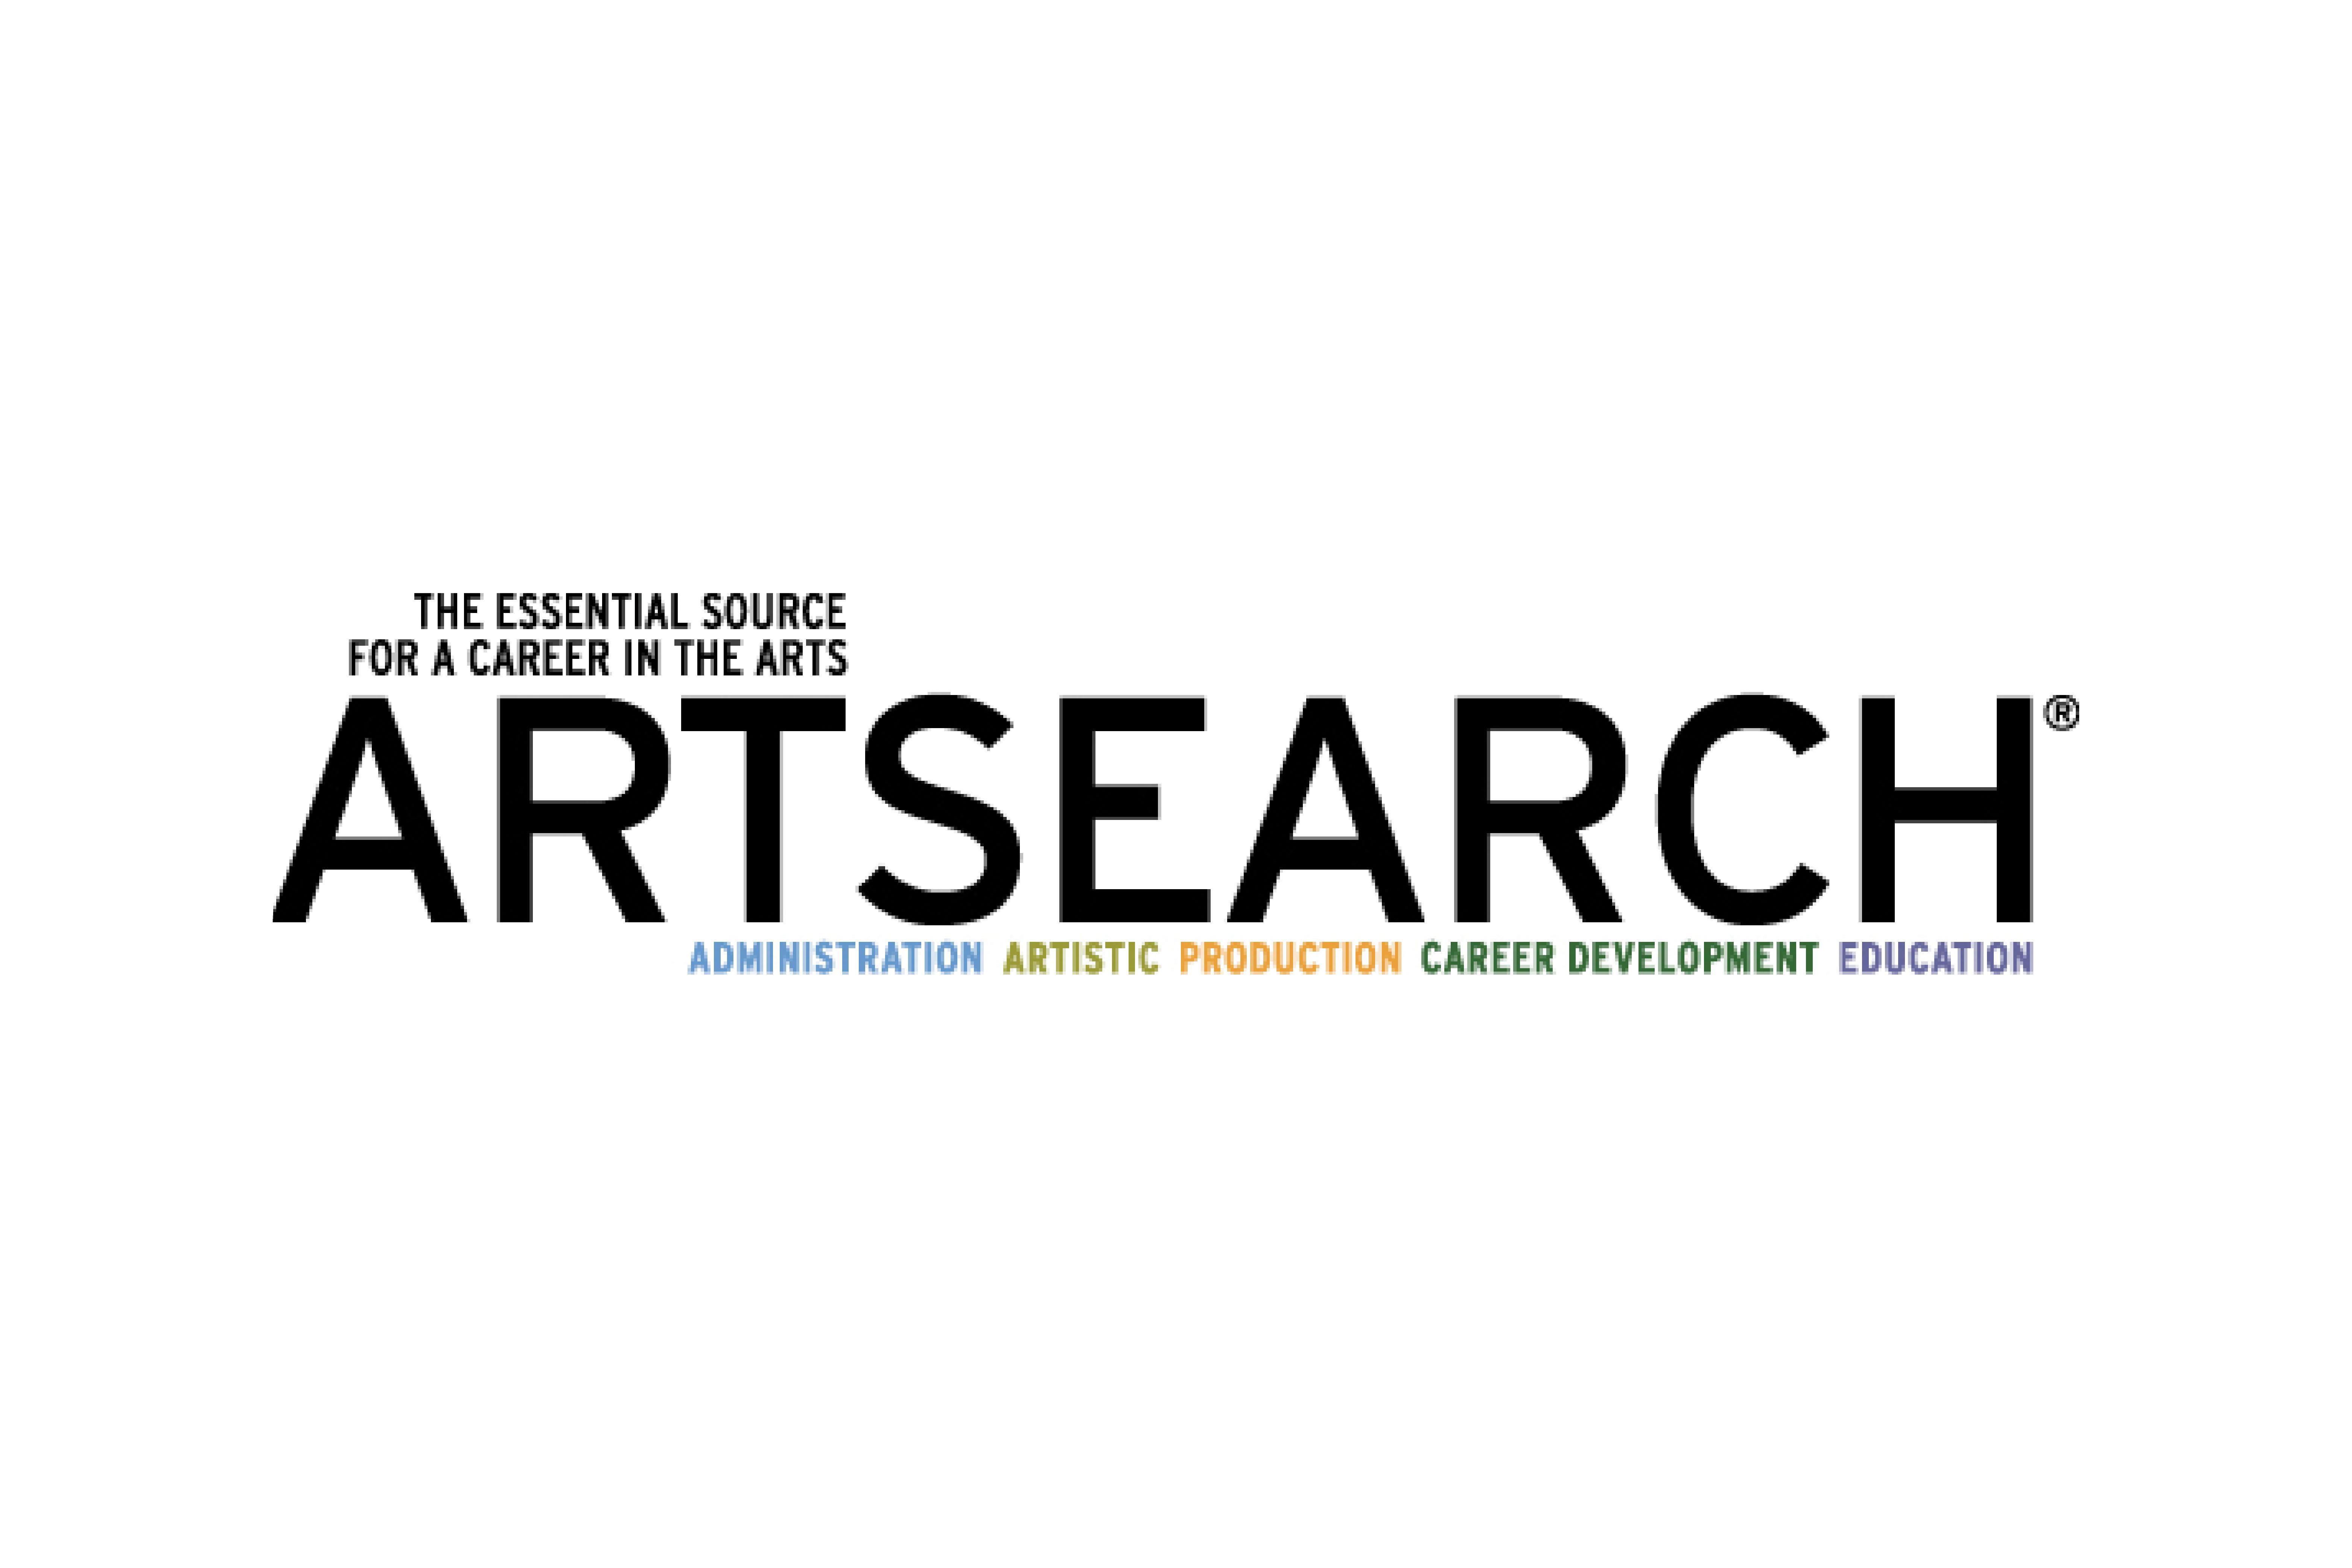 ARTSEARCH link